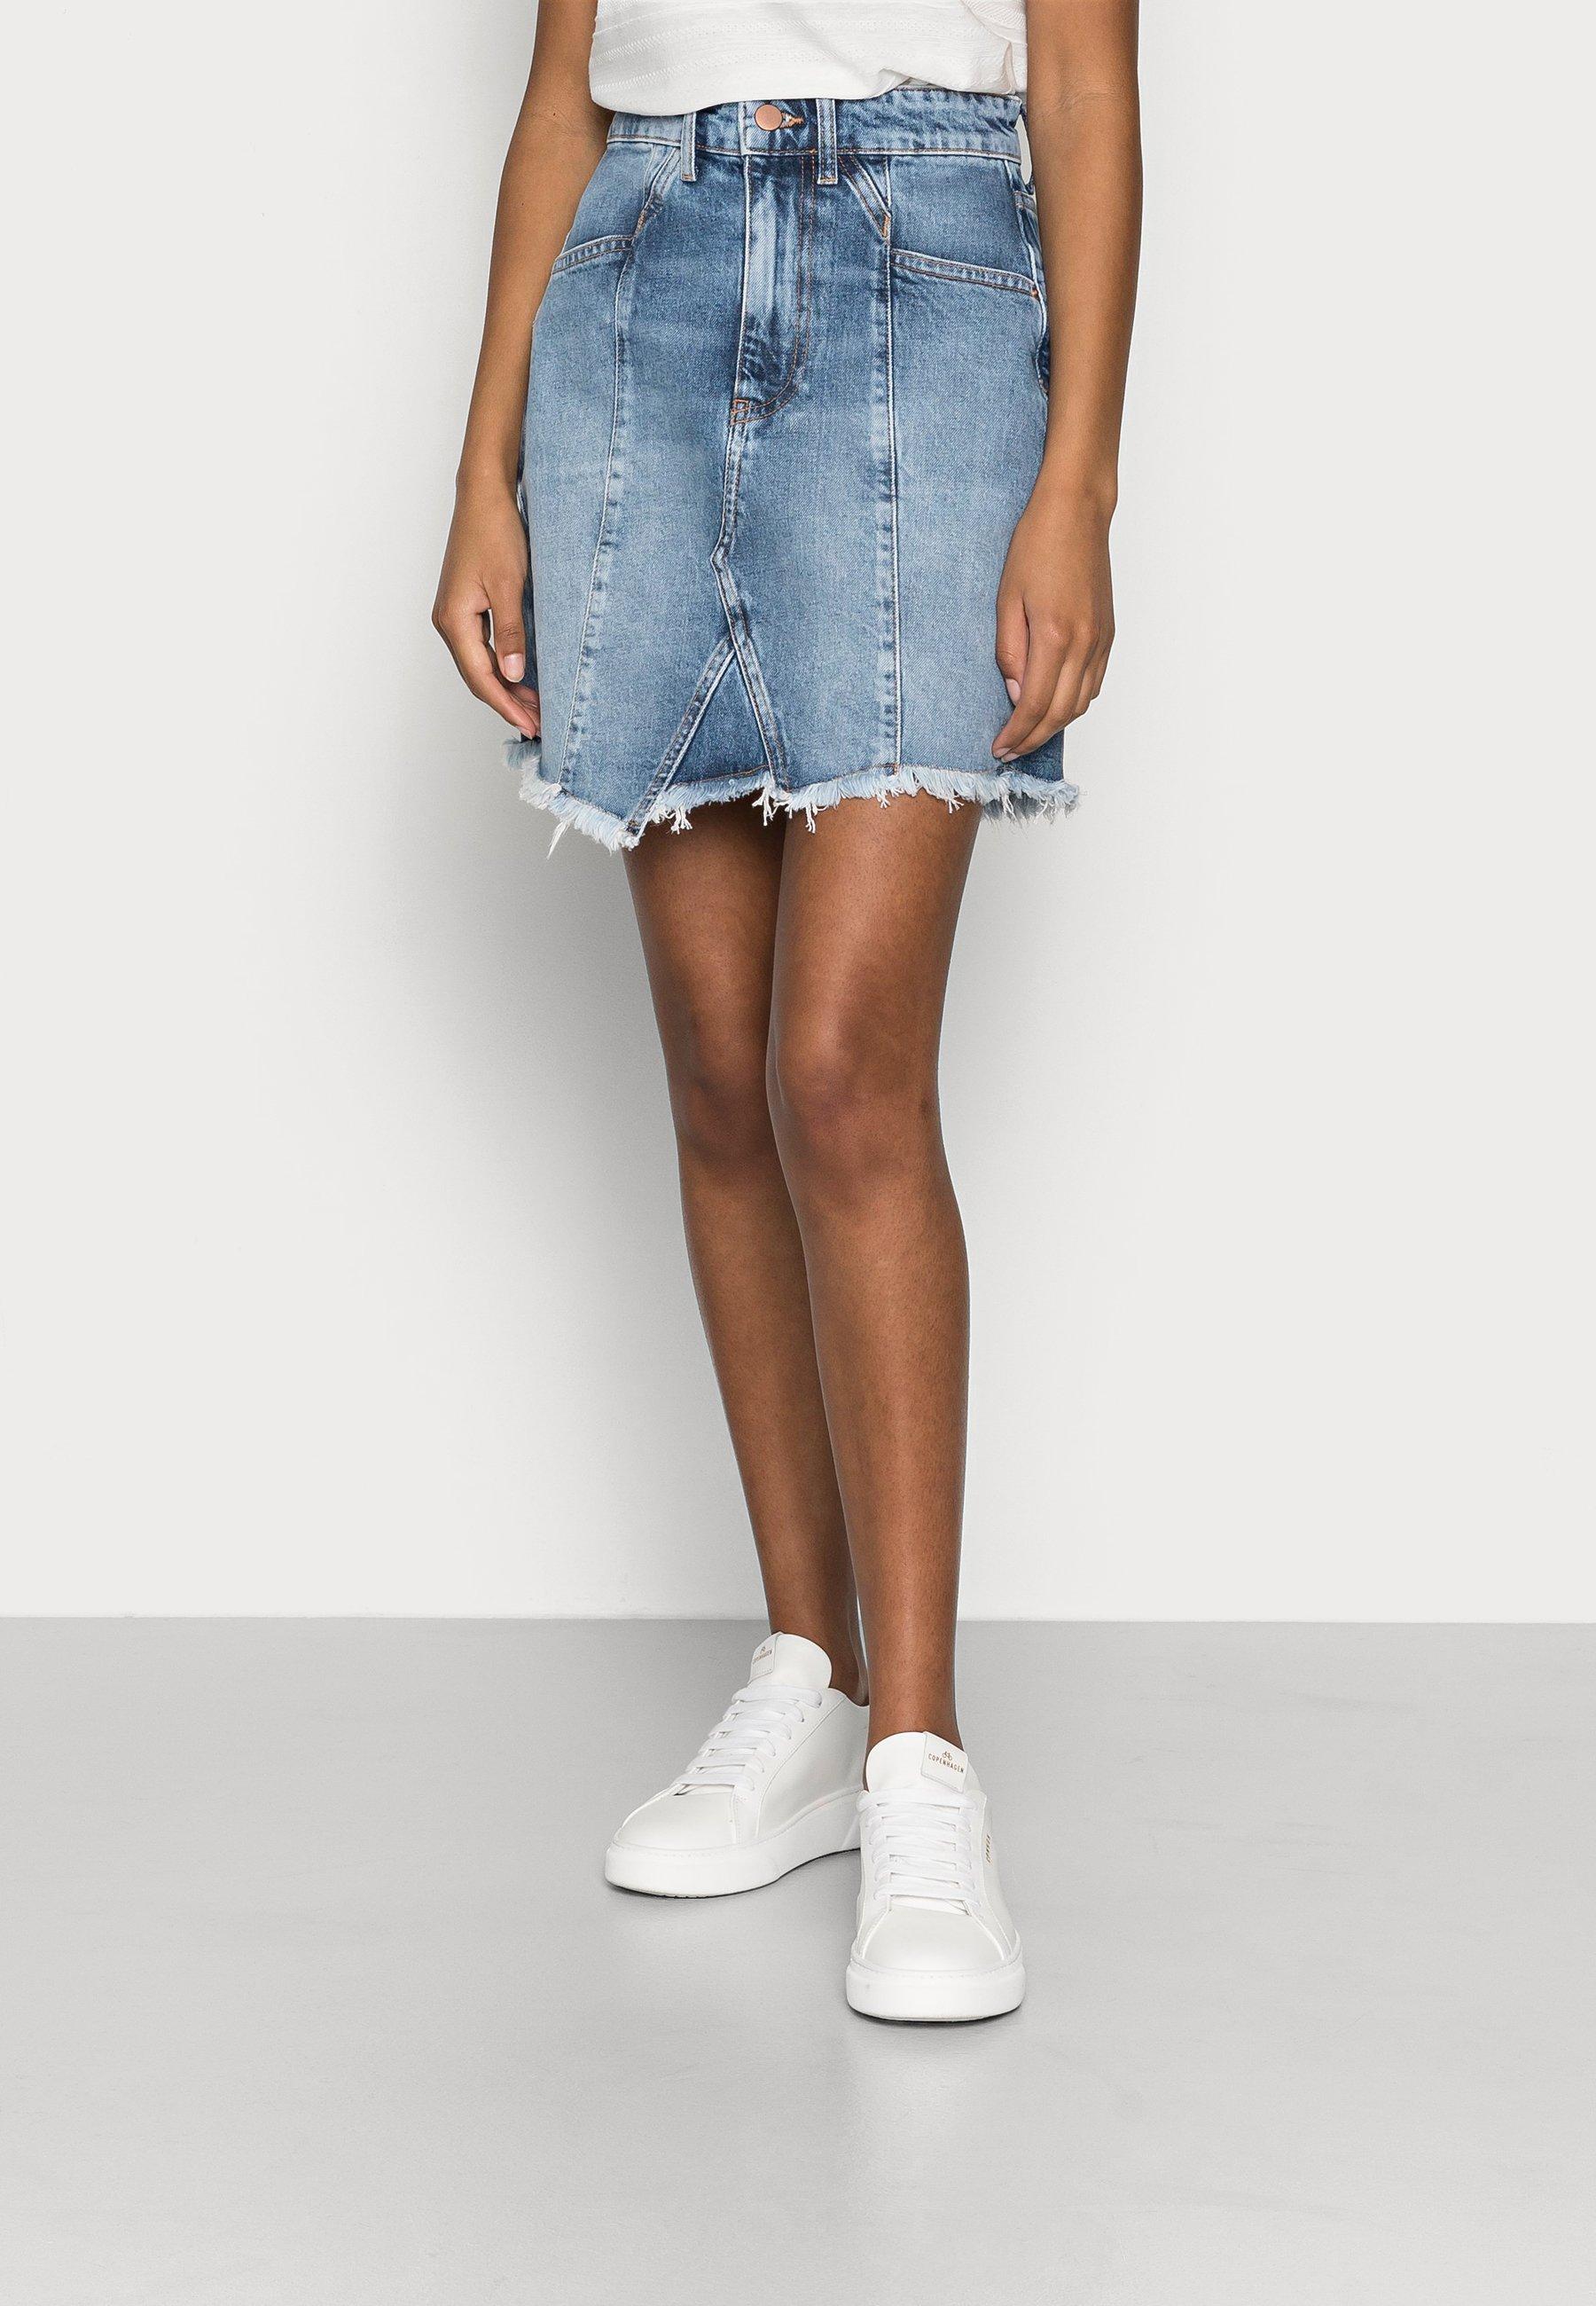 Femme DENIM SKIRT - Jupe en jean